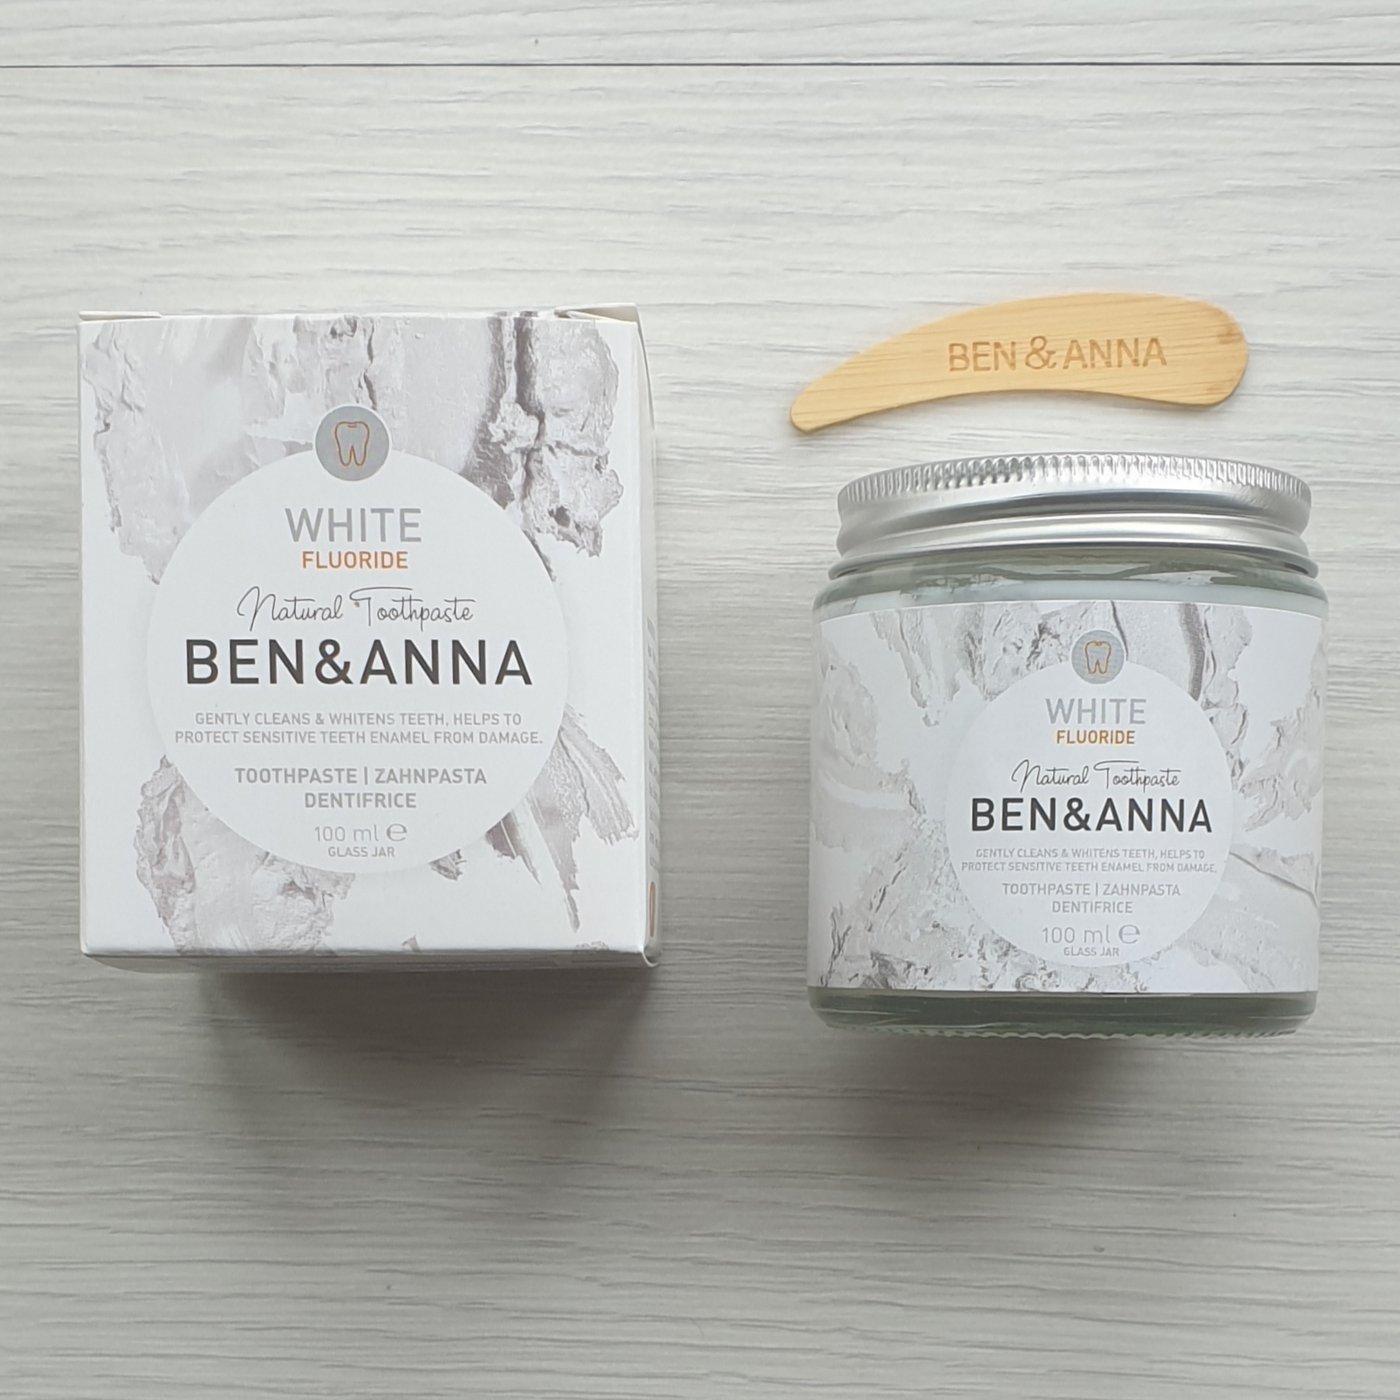 Pasta de dentes Ben & Anna - White (Branqueadora)